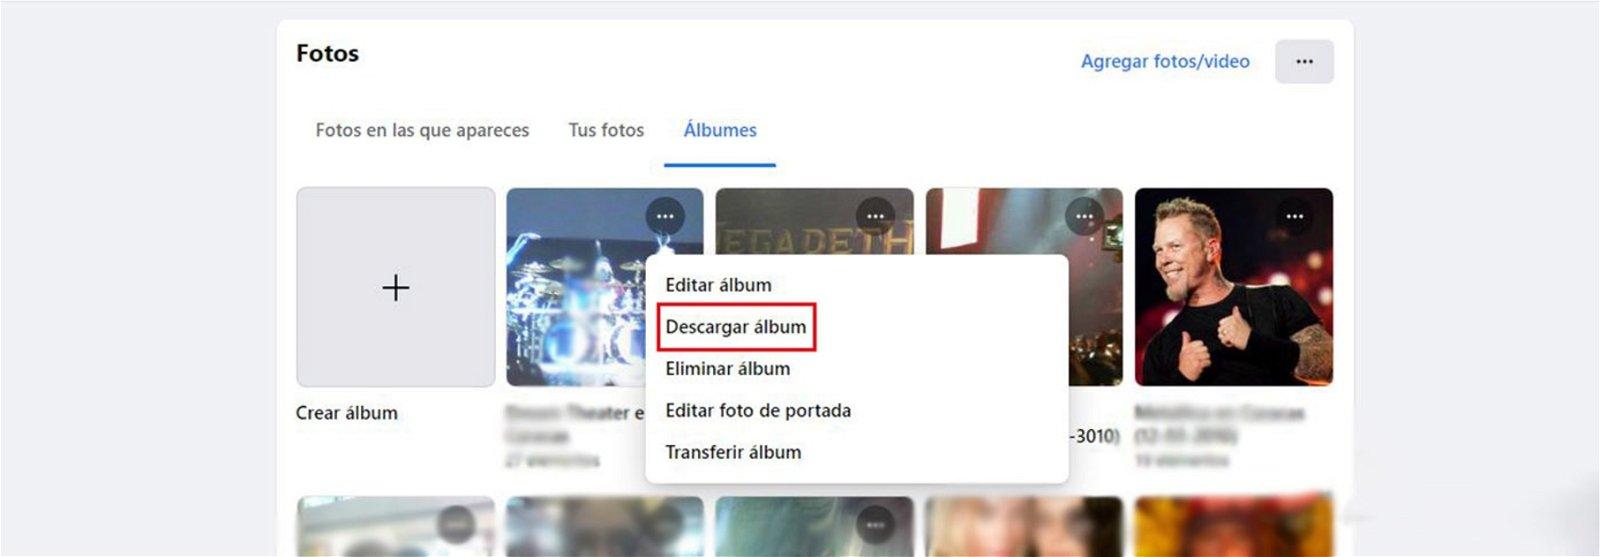 Cómo descargar fotos y vídeos de Facebook fácil y rápido